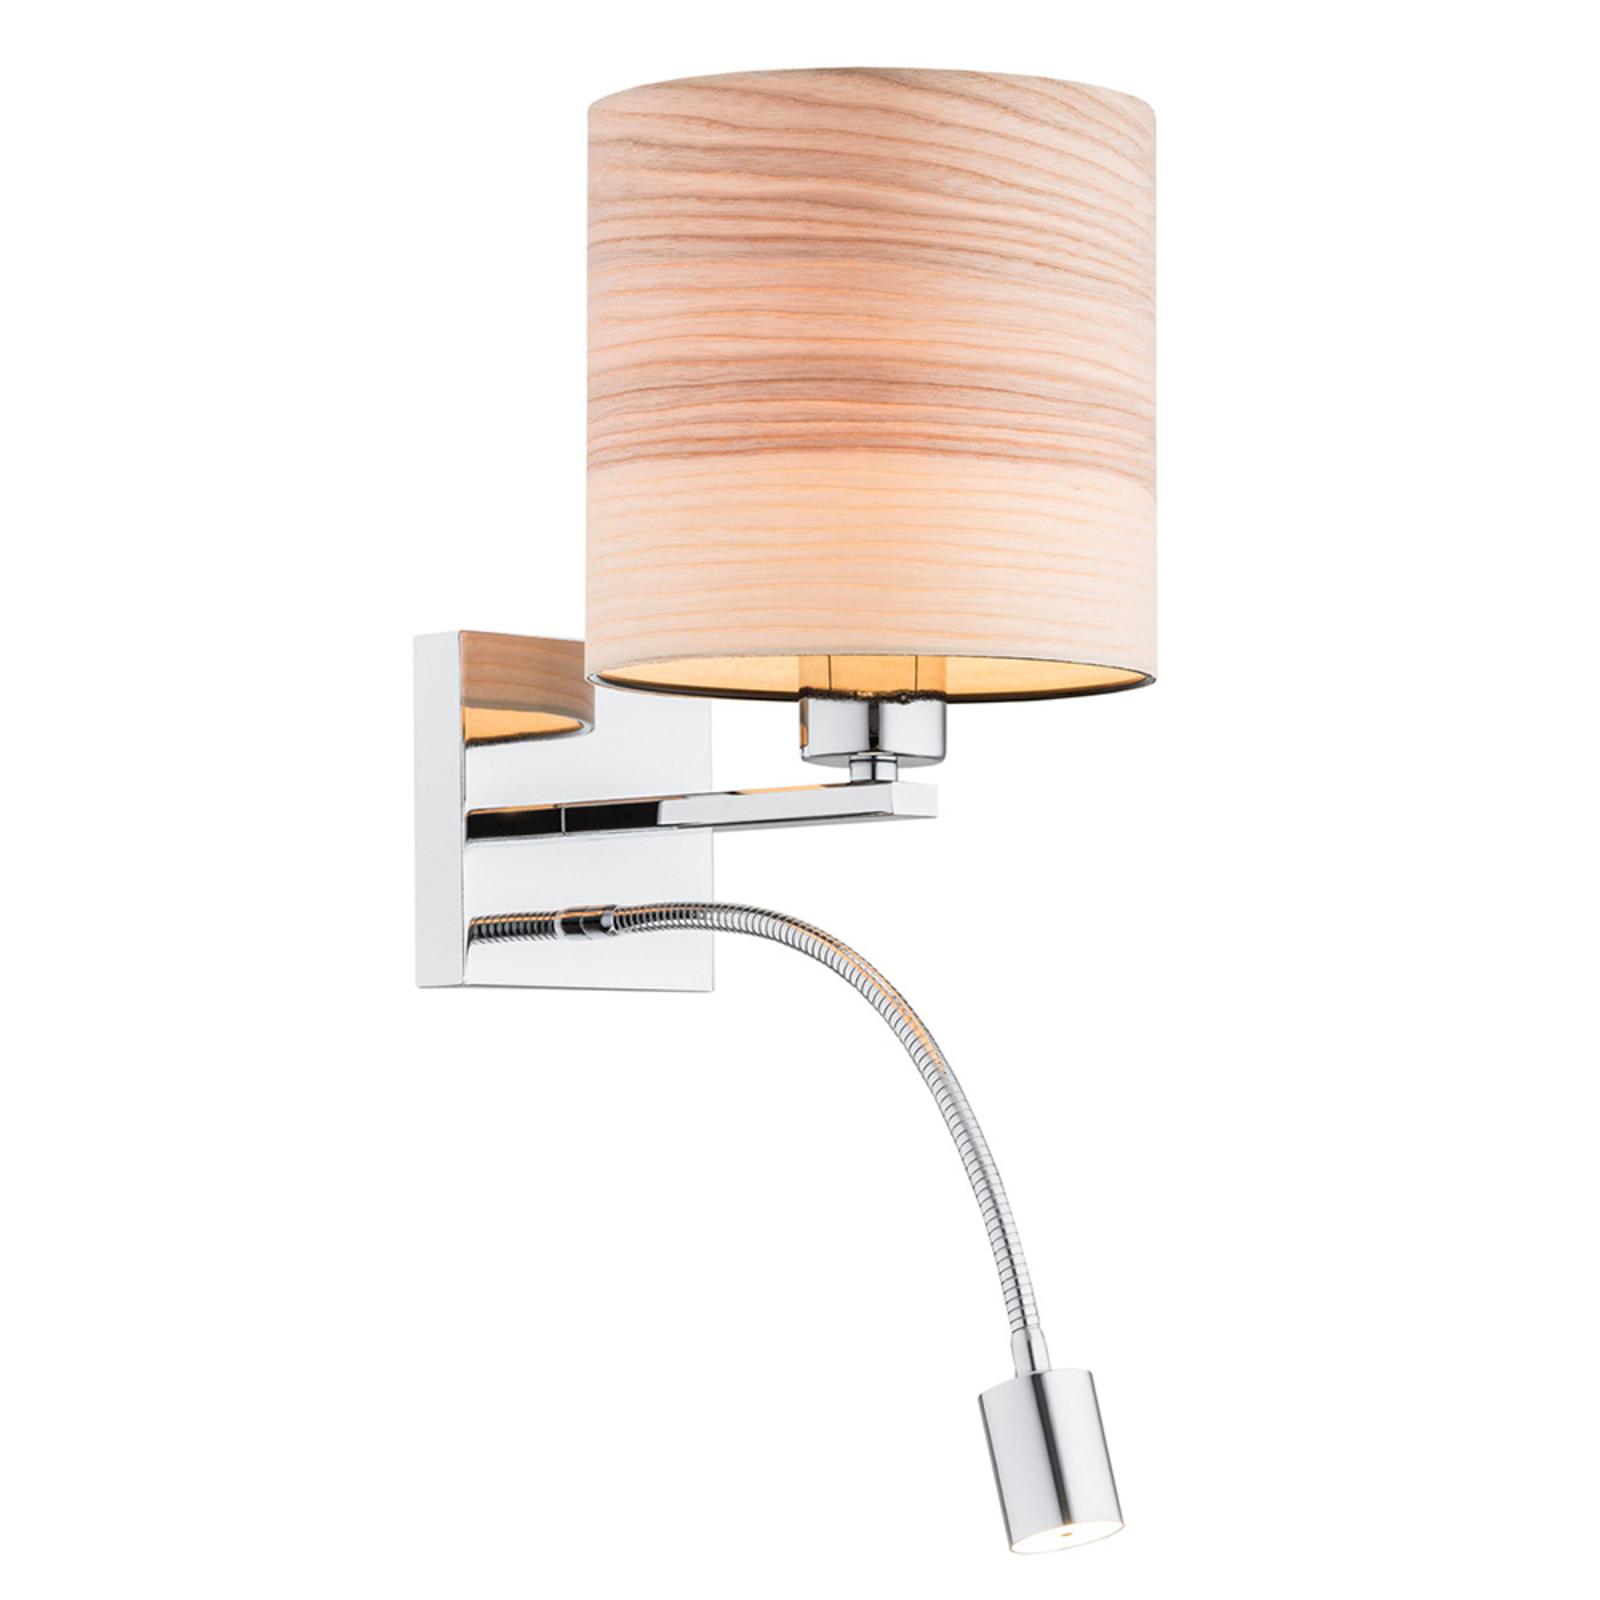 Vegglampe Harris med leselampe, krom / lyst tre